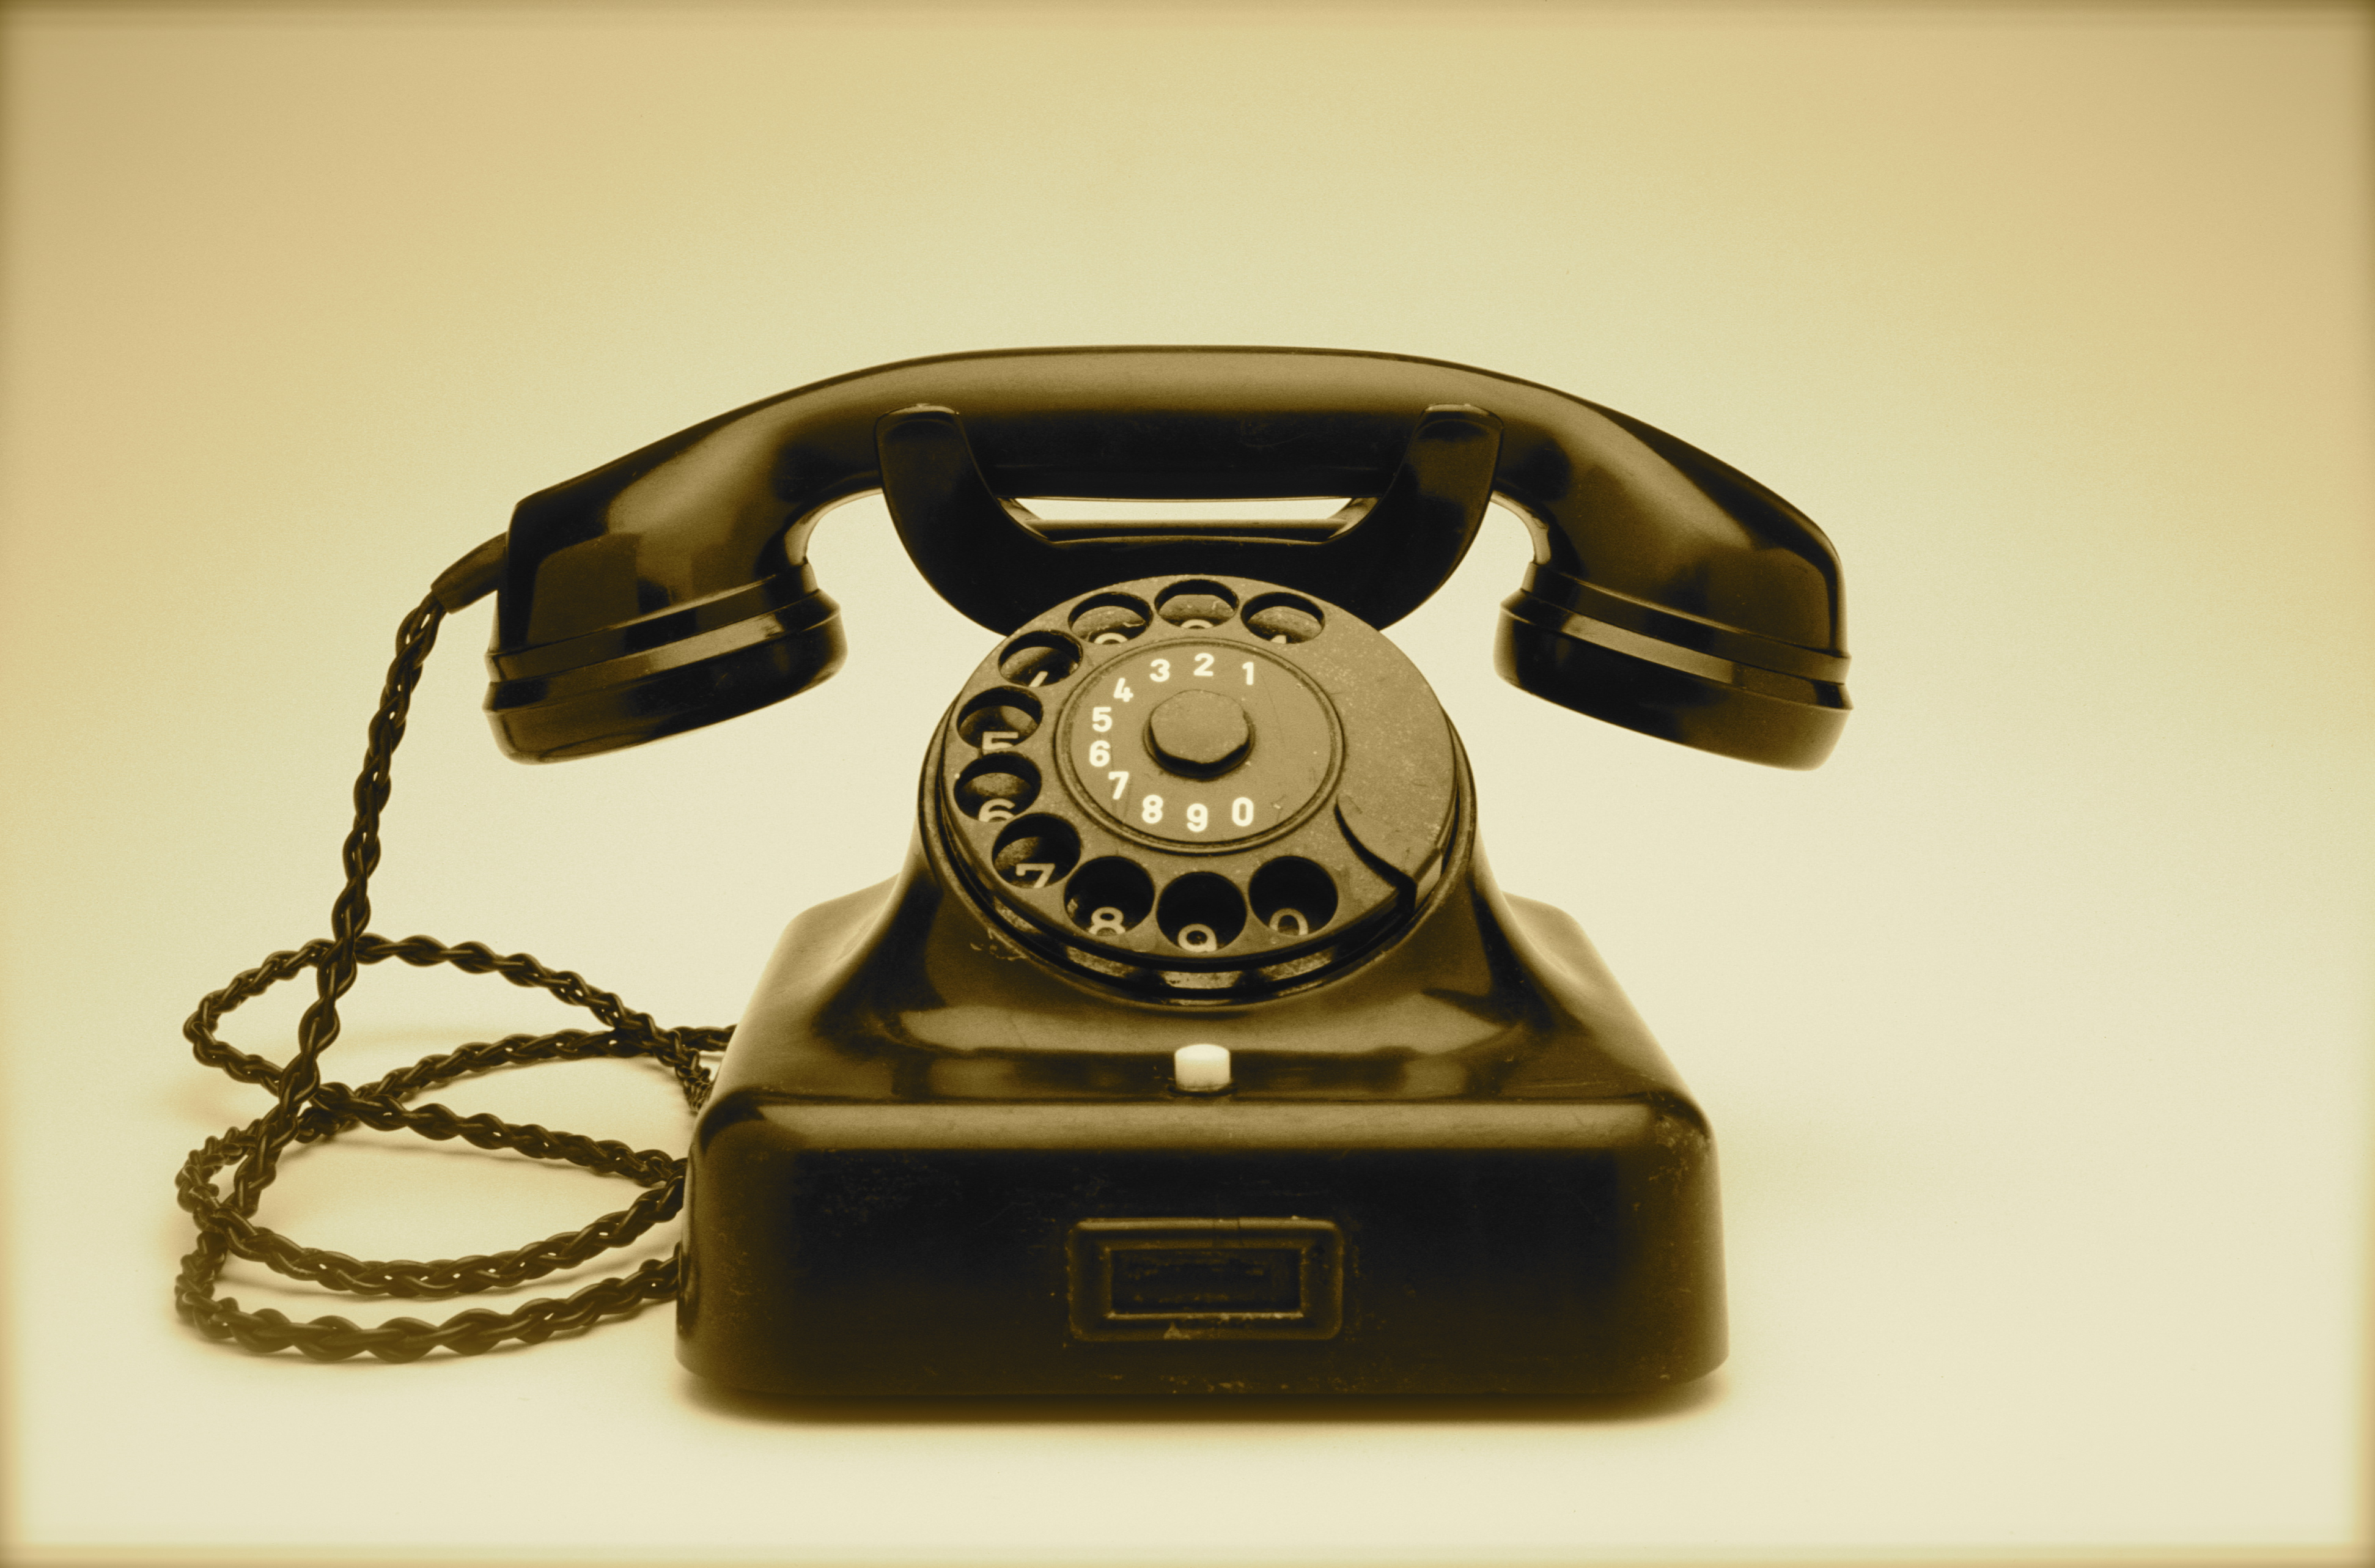 How to Wire a Telephone How to Wire a Telephone new photo